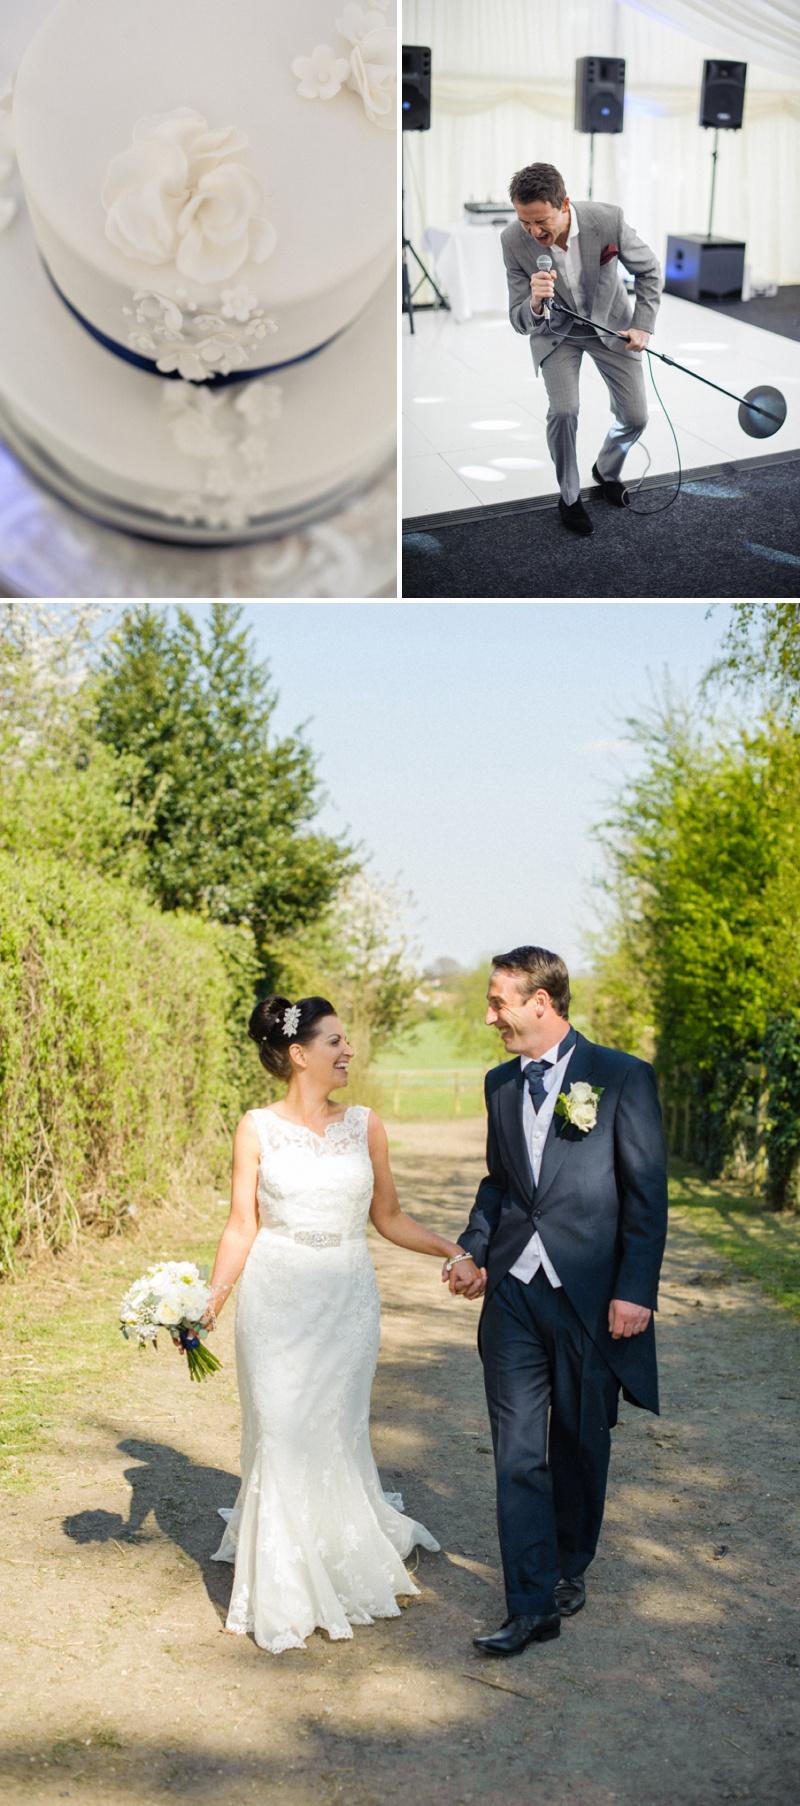 Hannah May Wedding Photography